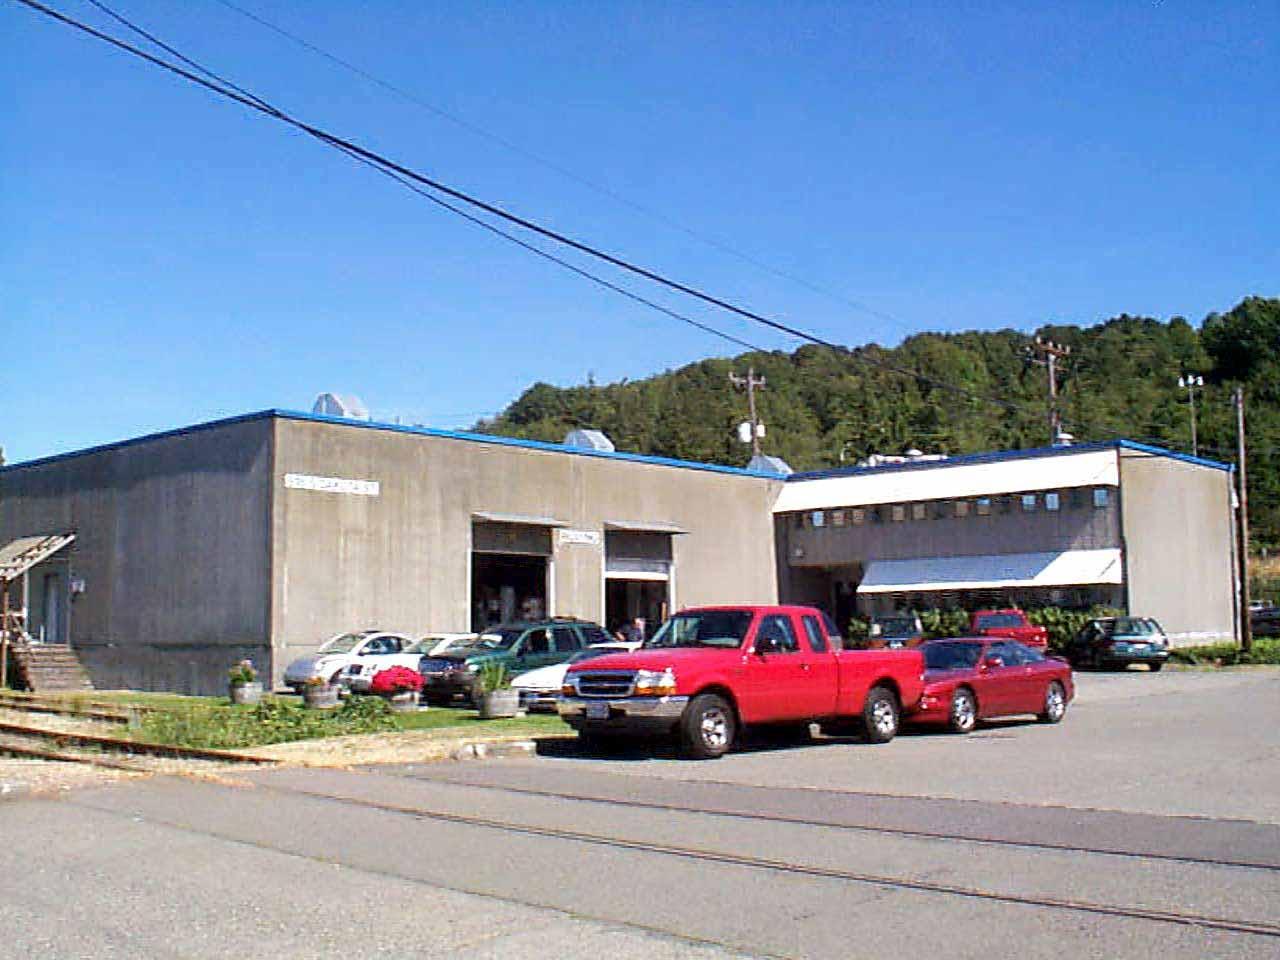 818 S Dakota St Property Photo - Seattle, WA real estate listing